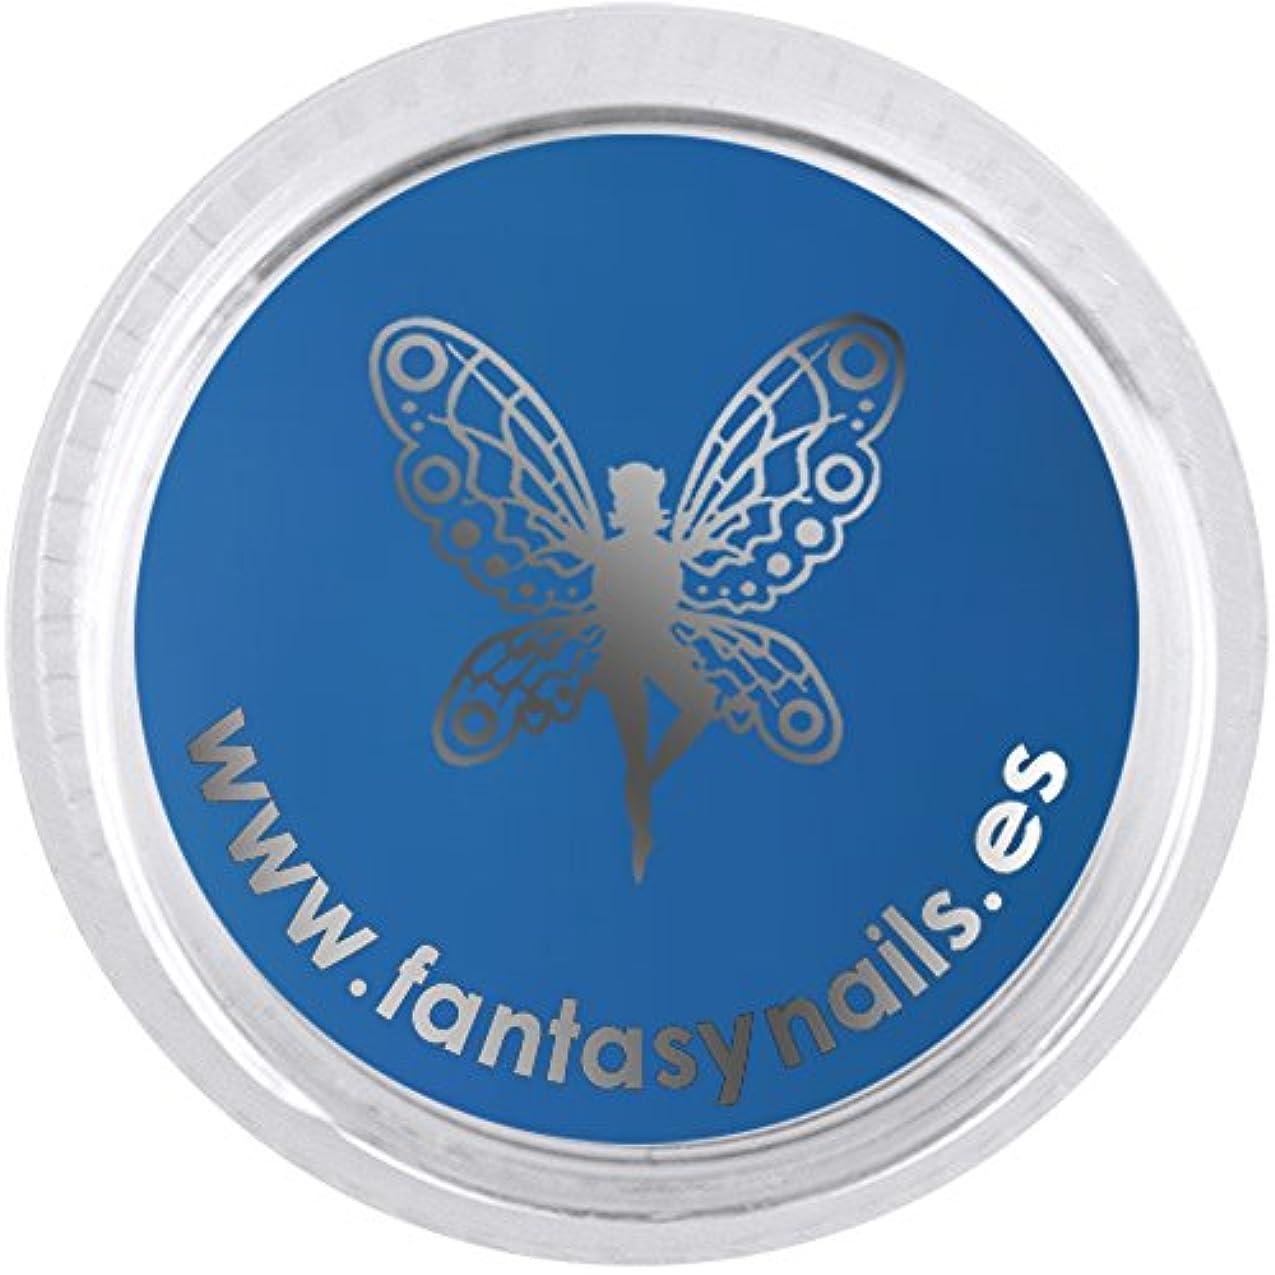 チャレンジ世界的にナースFANTASY NAIL フラワーコレクション 3g 4761XS カラーパウダー アート材